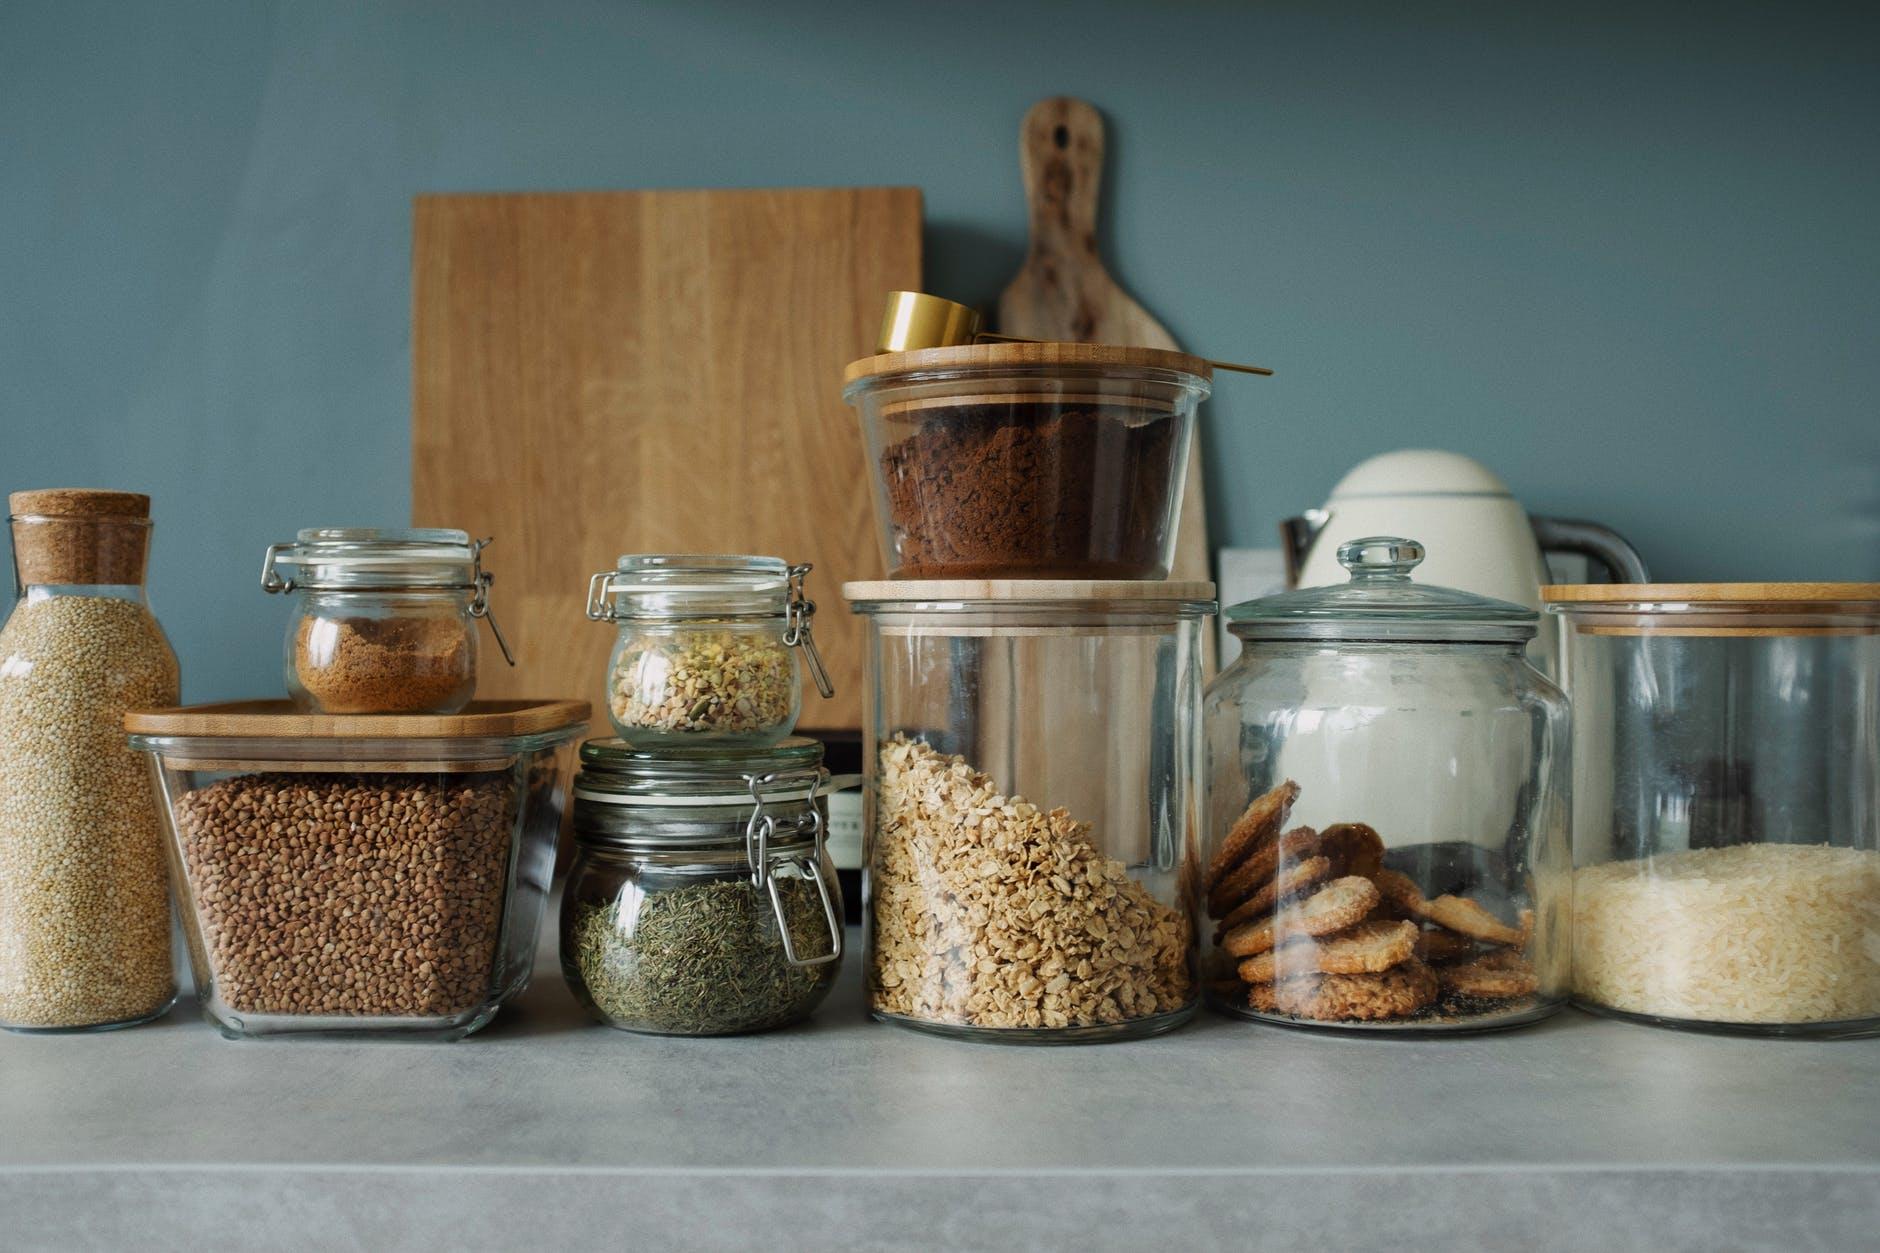 Come togliere le farfalline dalla dispensa: rimedi, pulizia e conservazione del cibo